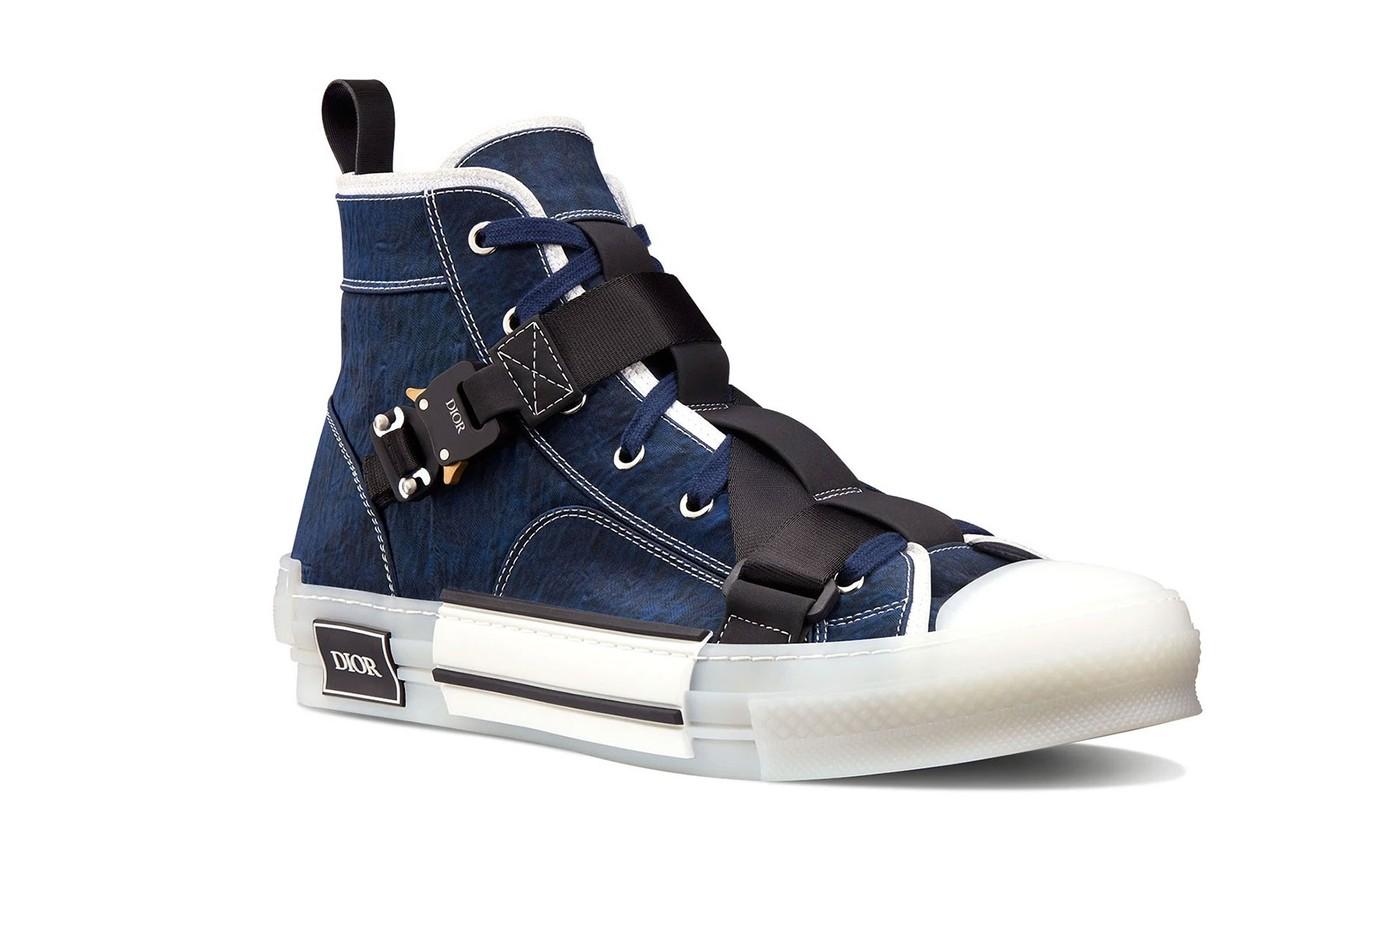 b23 Dior sneakers